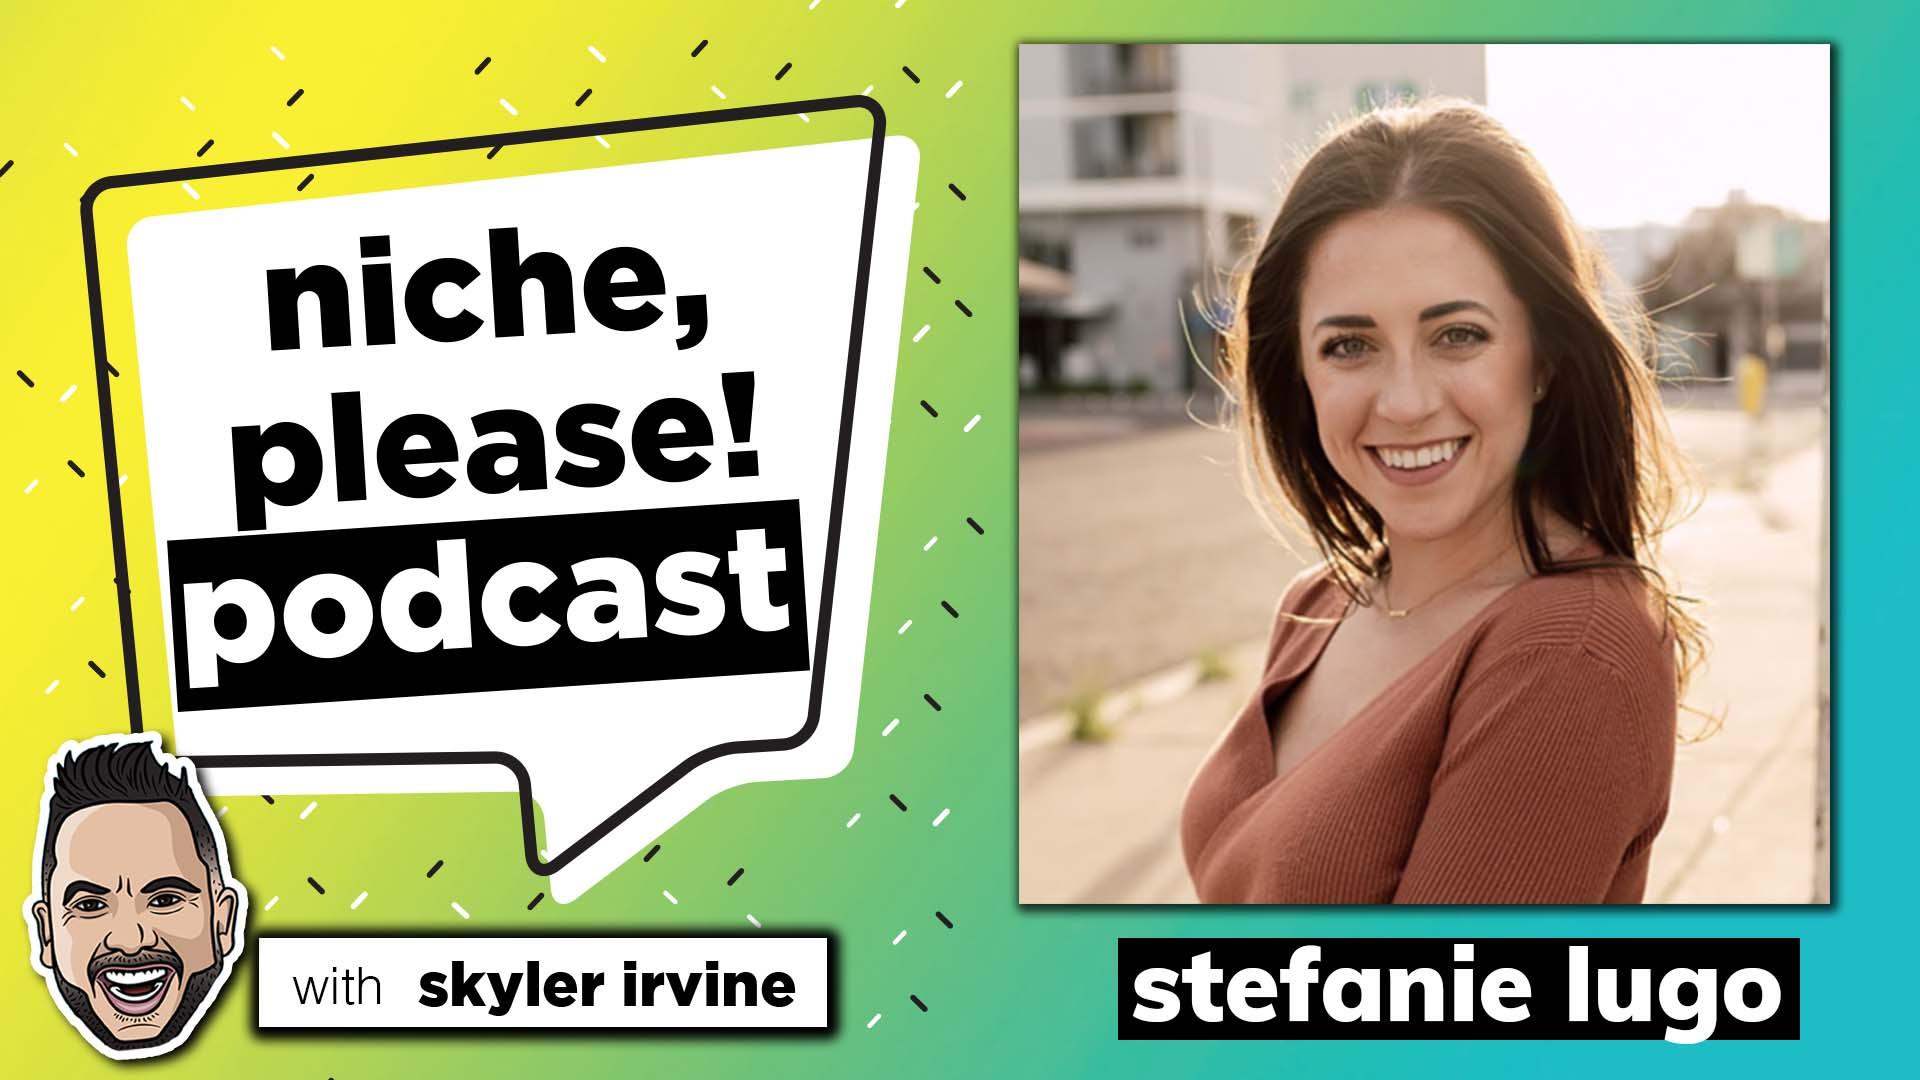 Stefanie Lugo Podcast